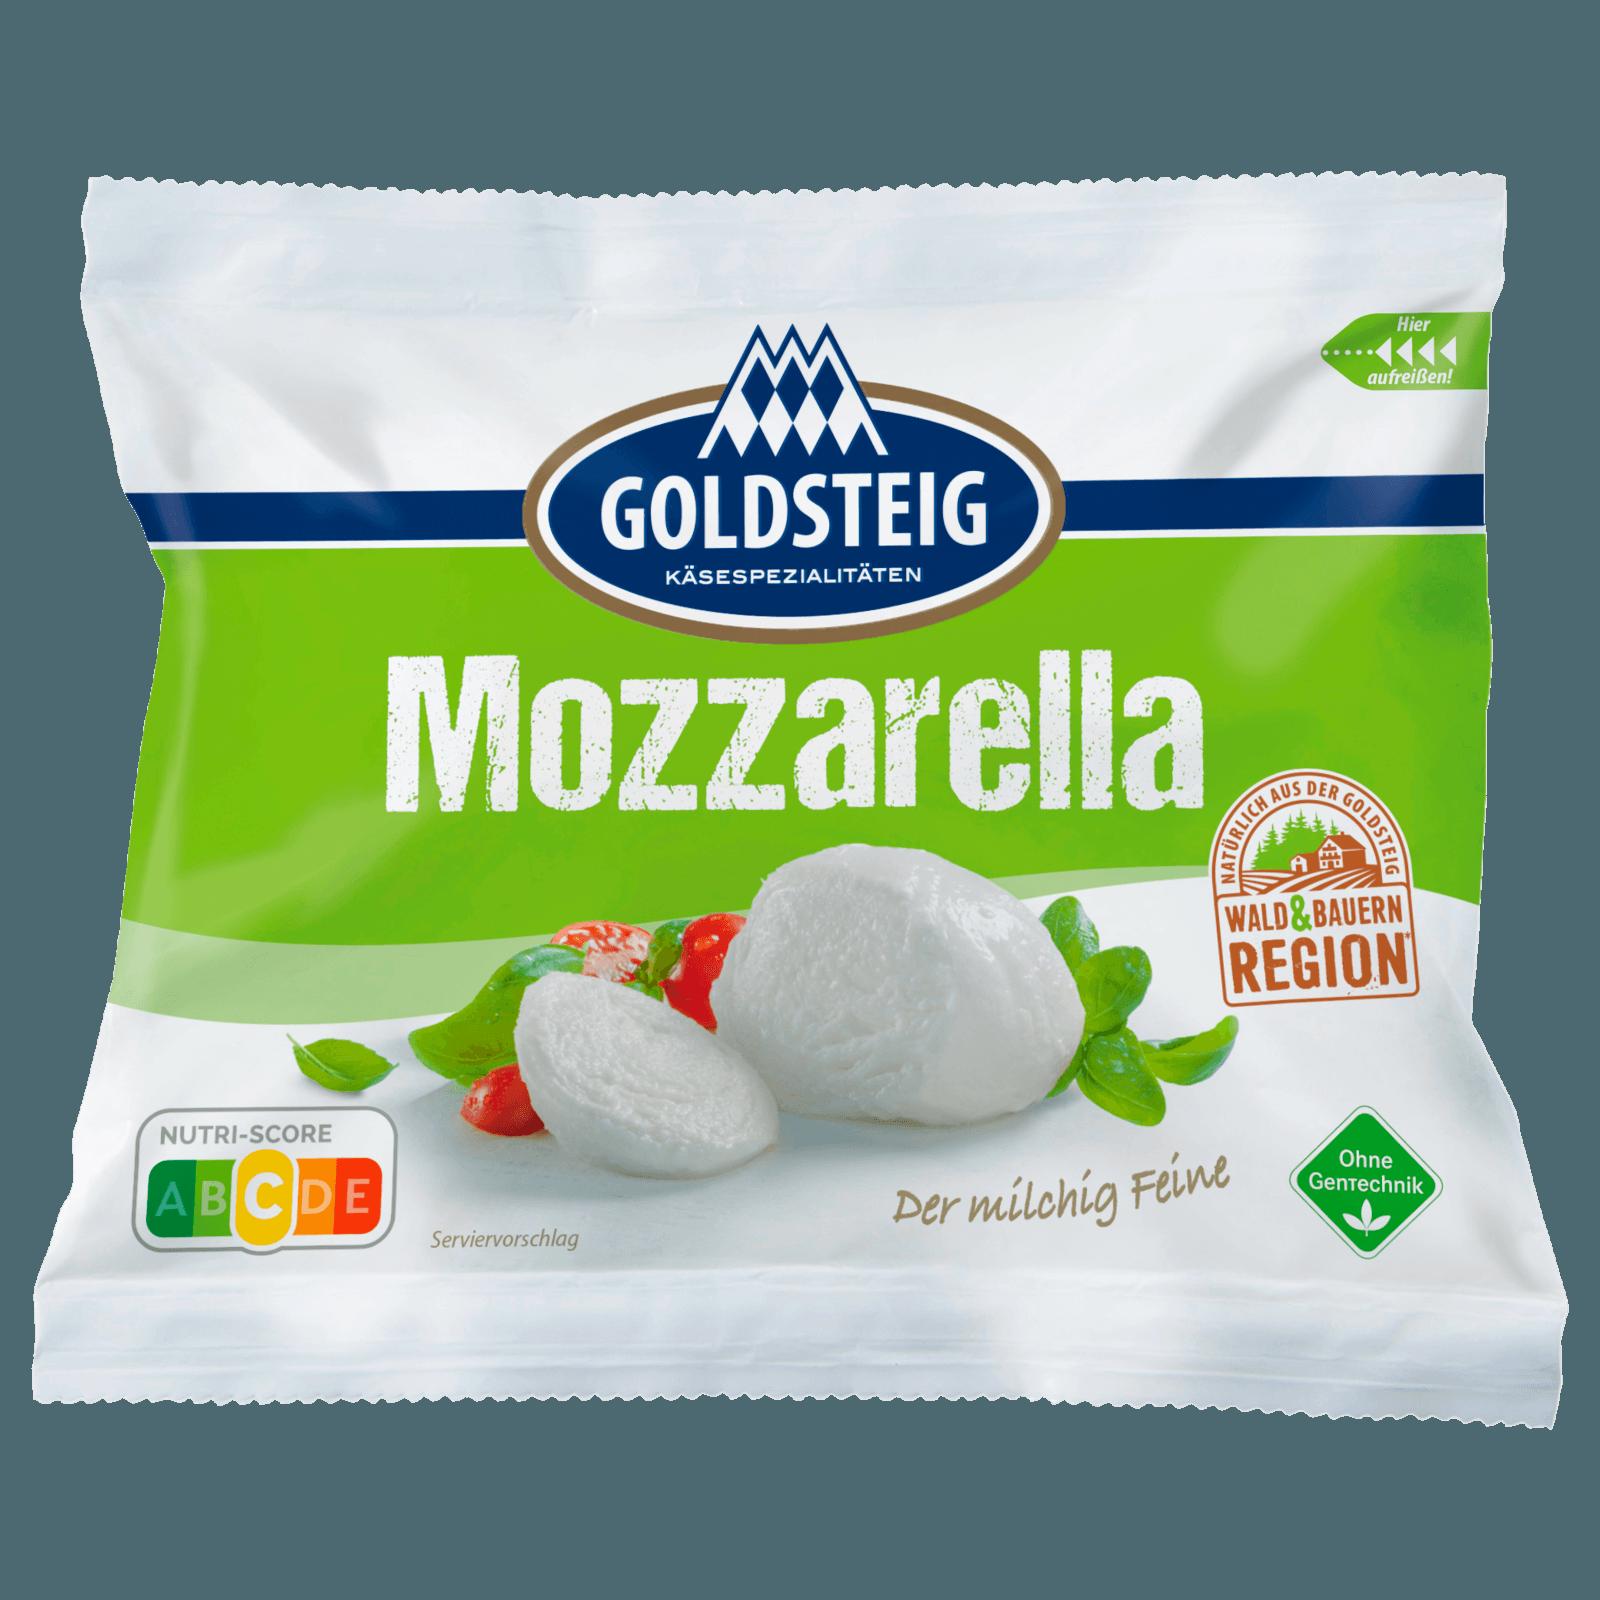 Goldsteig Mozzarella 125g